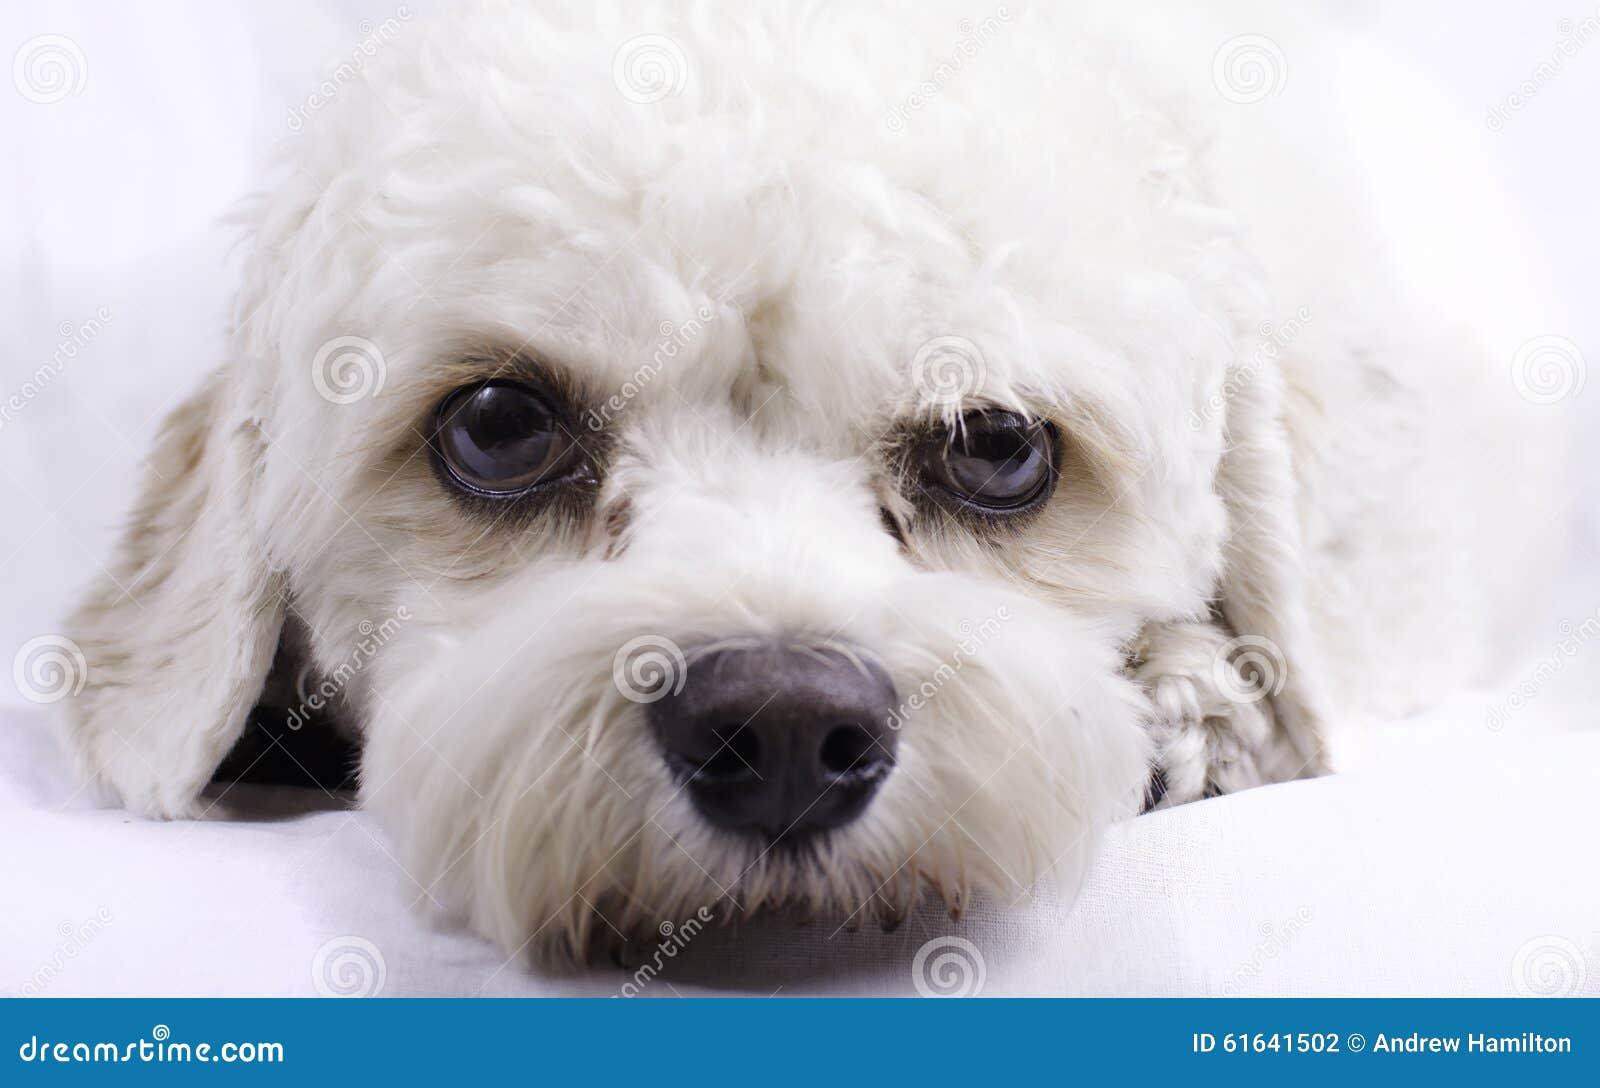 Cavapoo Toy Dog